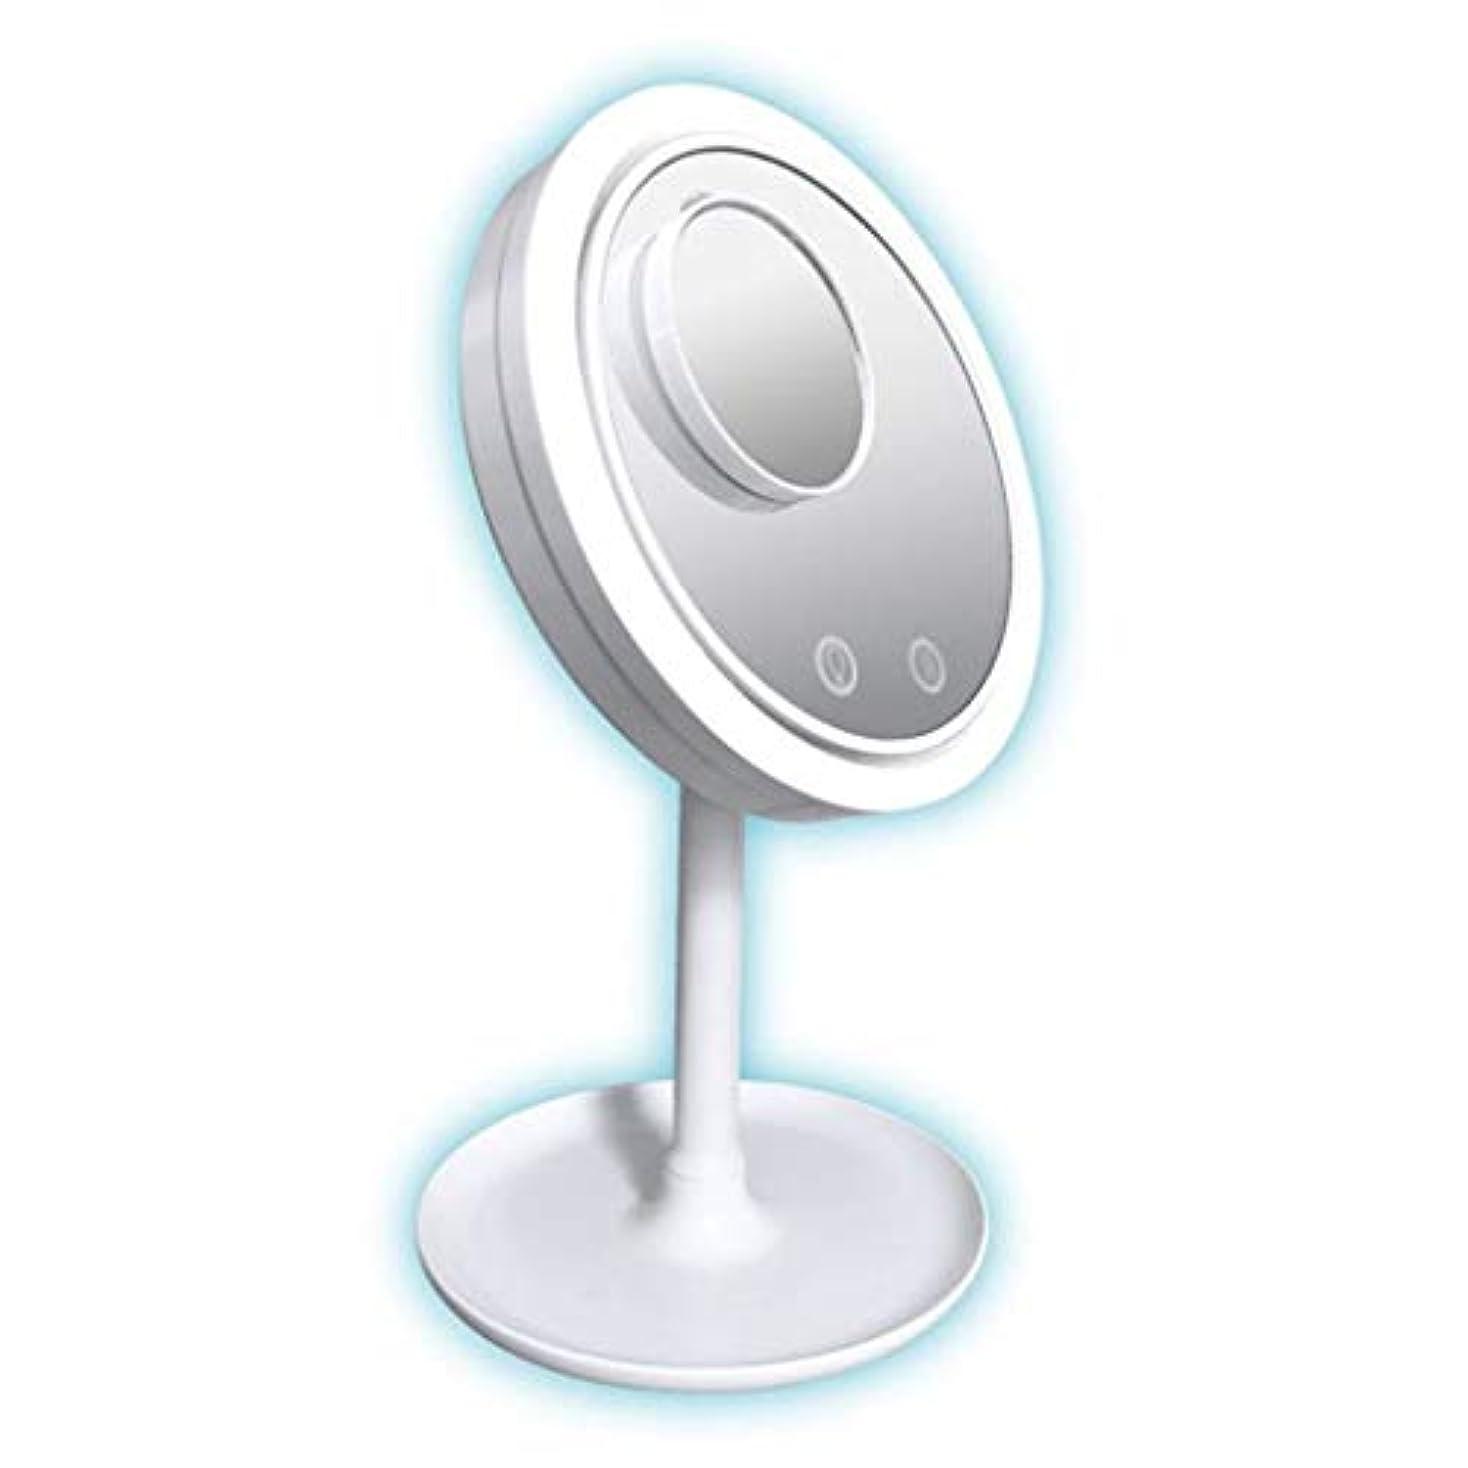 献身暗殺パッケージ卓上ミラー 化粧鏡 ファン付きの化粧鏡化粧鏡ファン付きのスリーインワン照明付きミラー 5倍拡大鏡 メイクミラー ラウンドミラー 360°回転ブラケット LED付き (ホワイト)